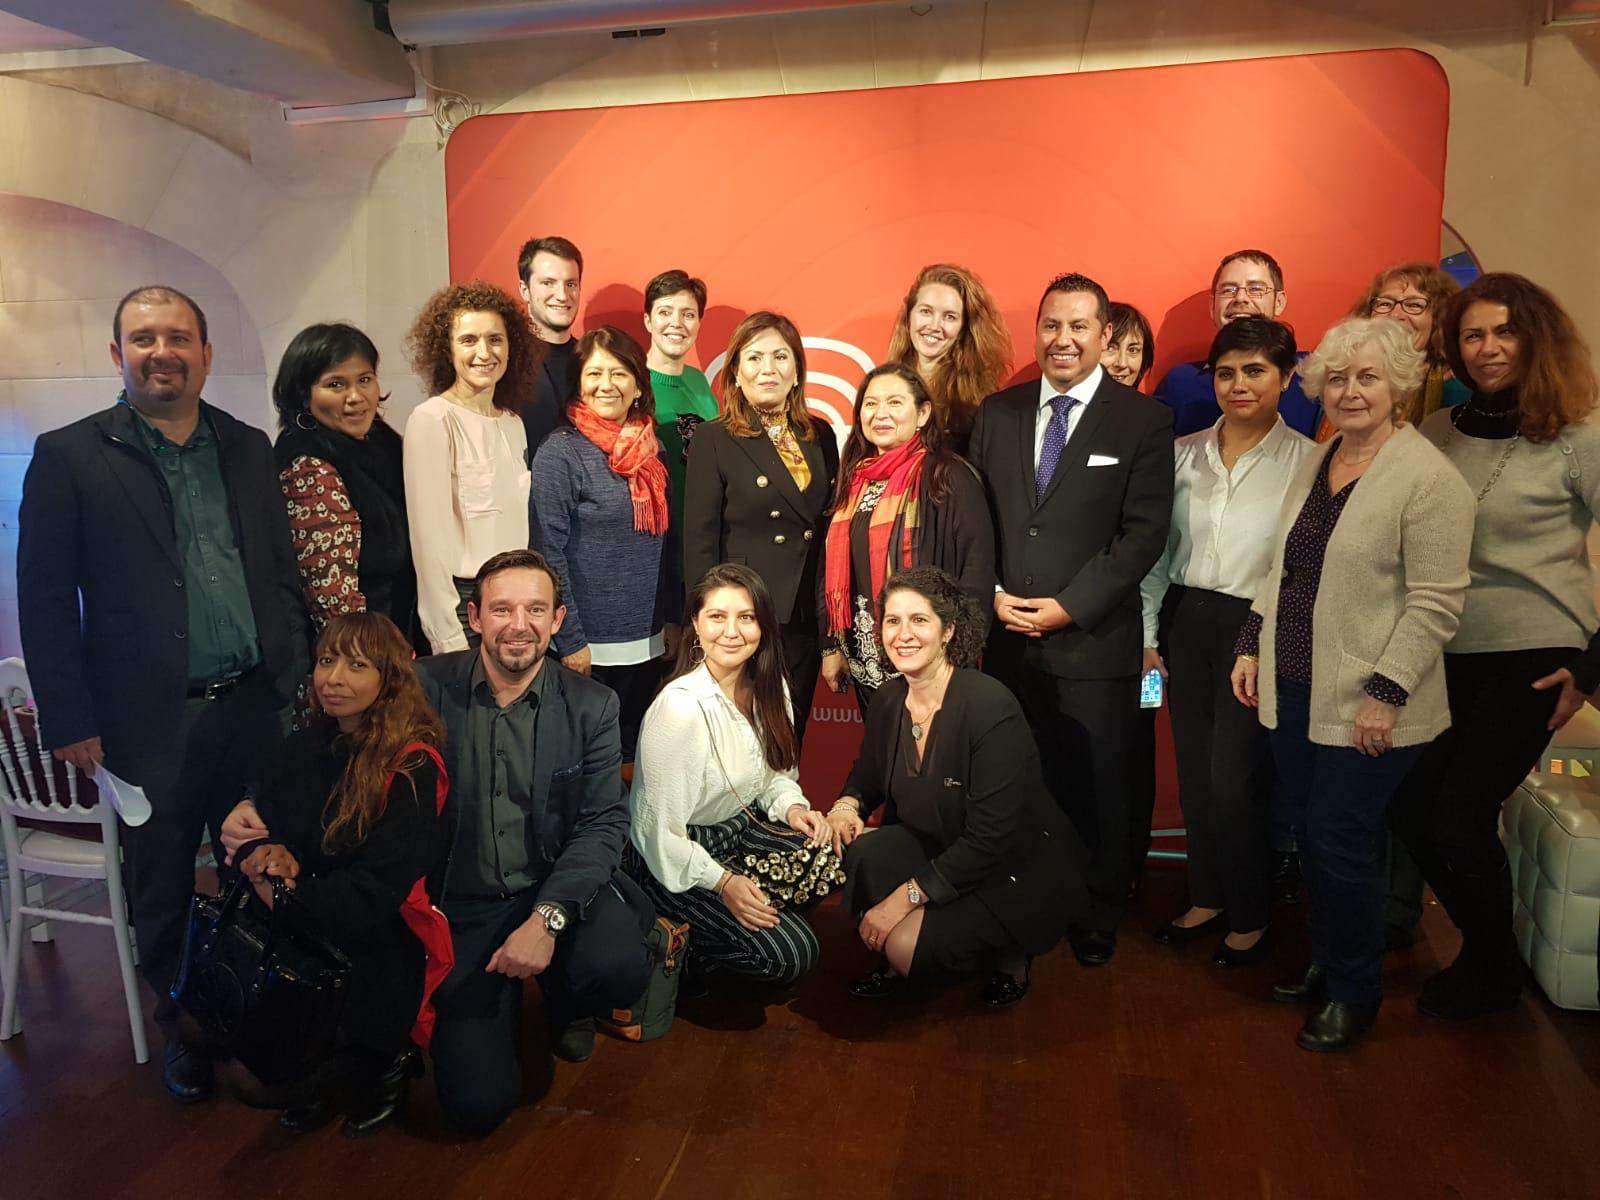 Le workshop Pérou a rassemblé plus d'une centaine de personnes à Paris - DR